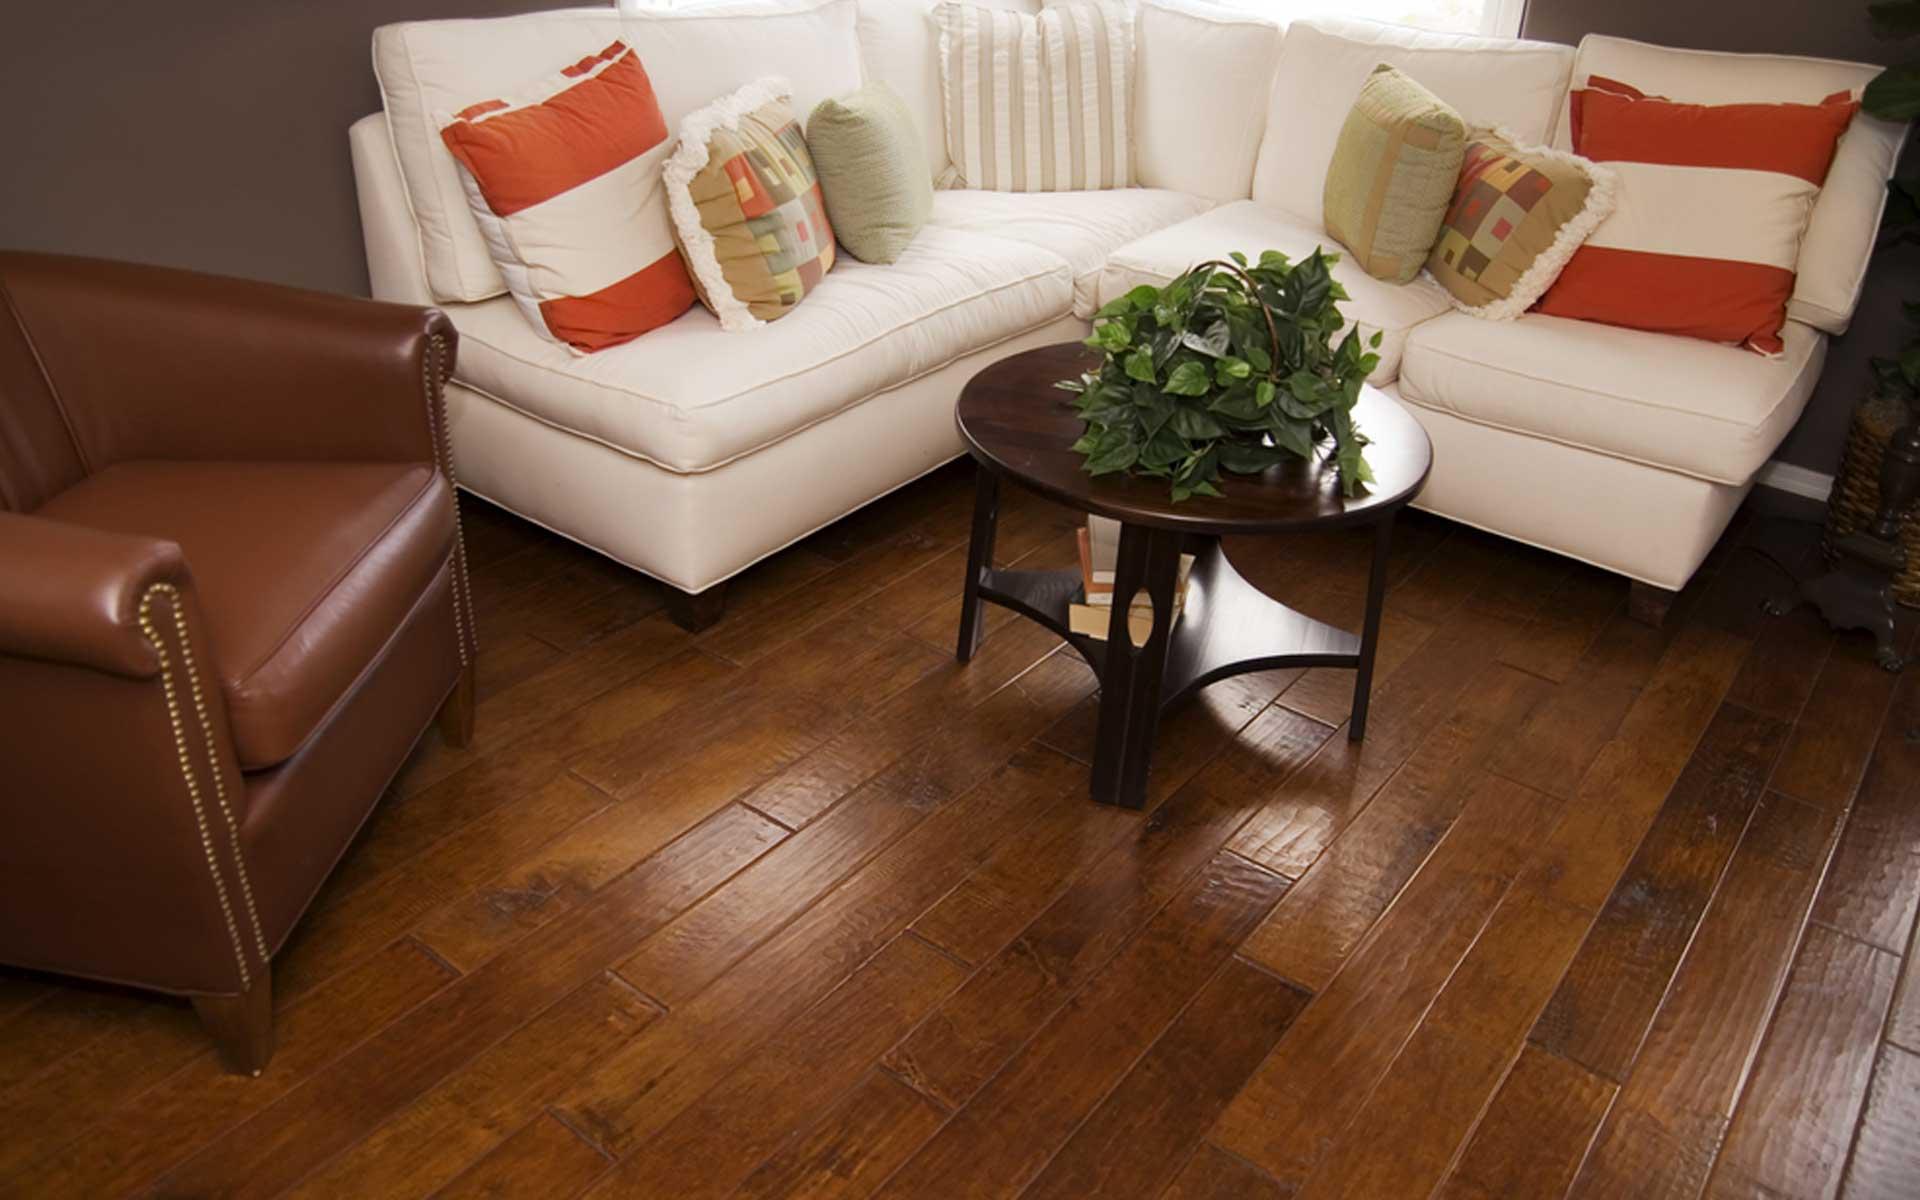 armorglow flooring